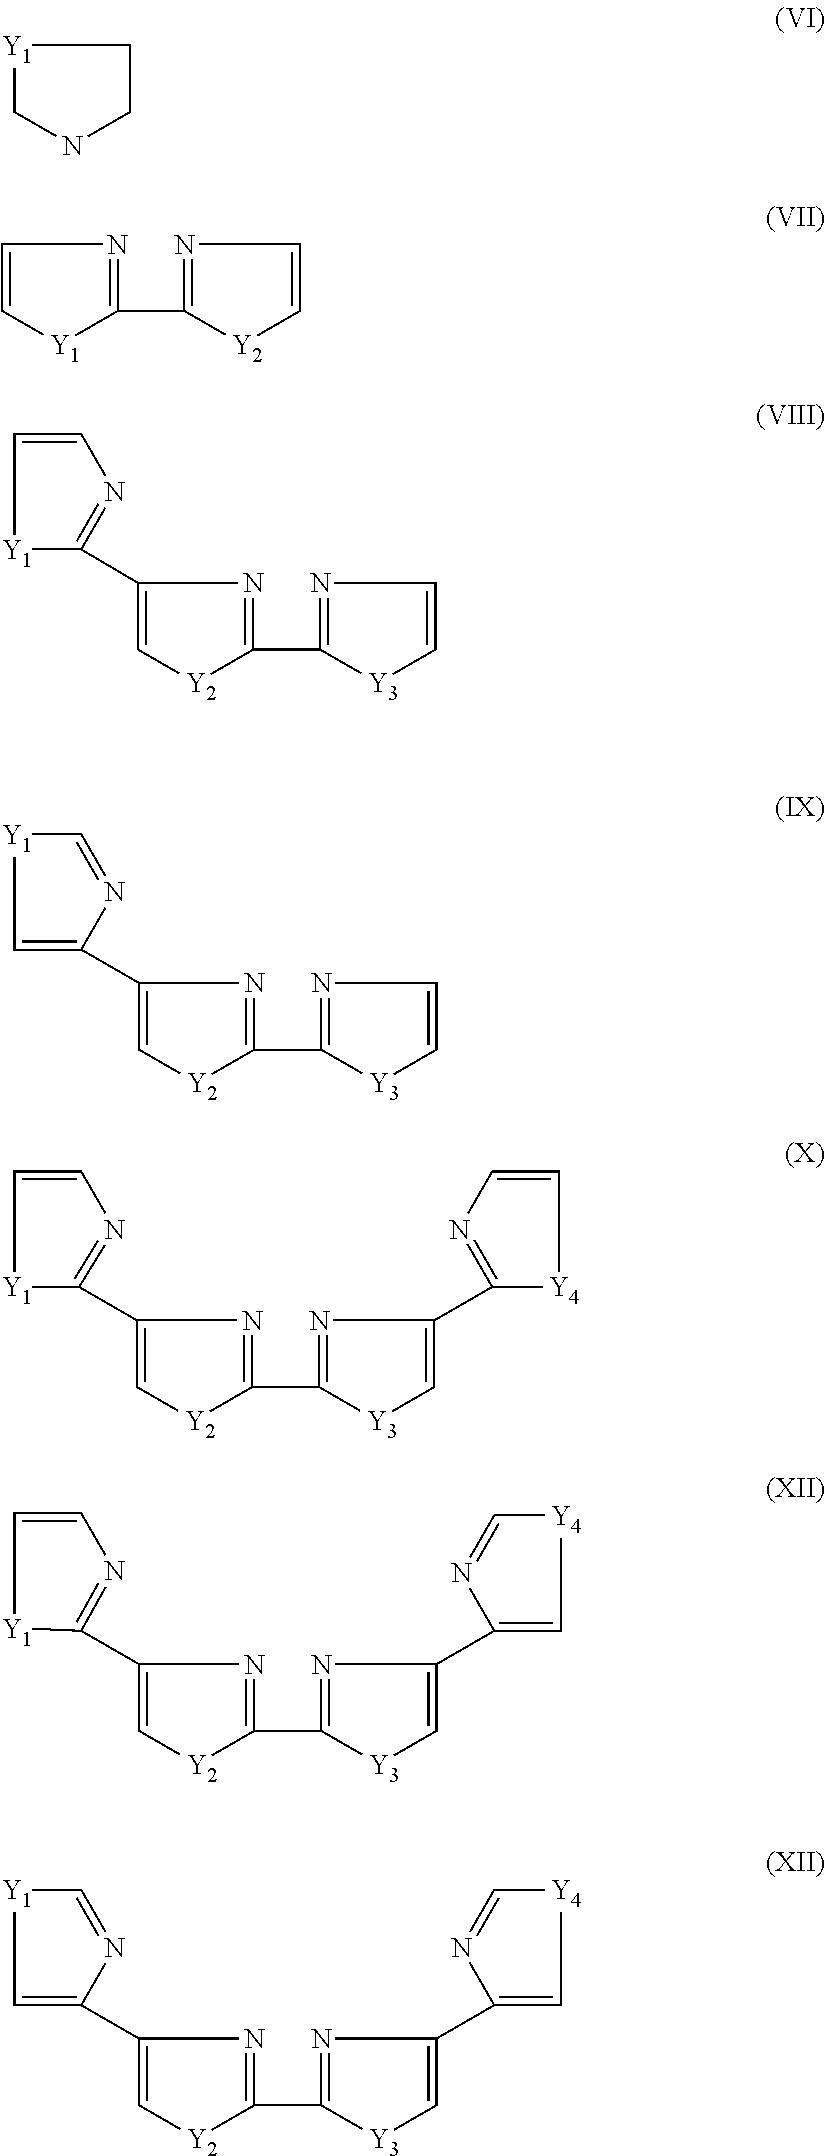 Figure US20100018875A1-20100128-C00005